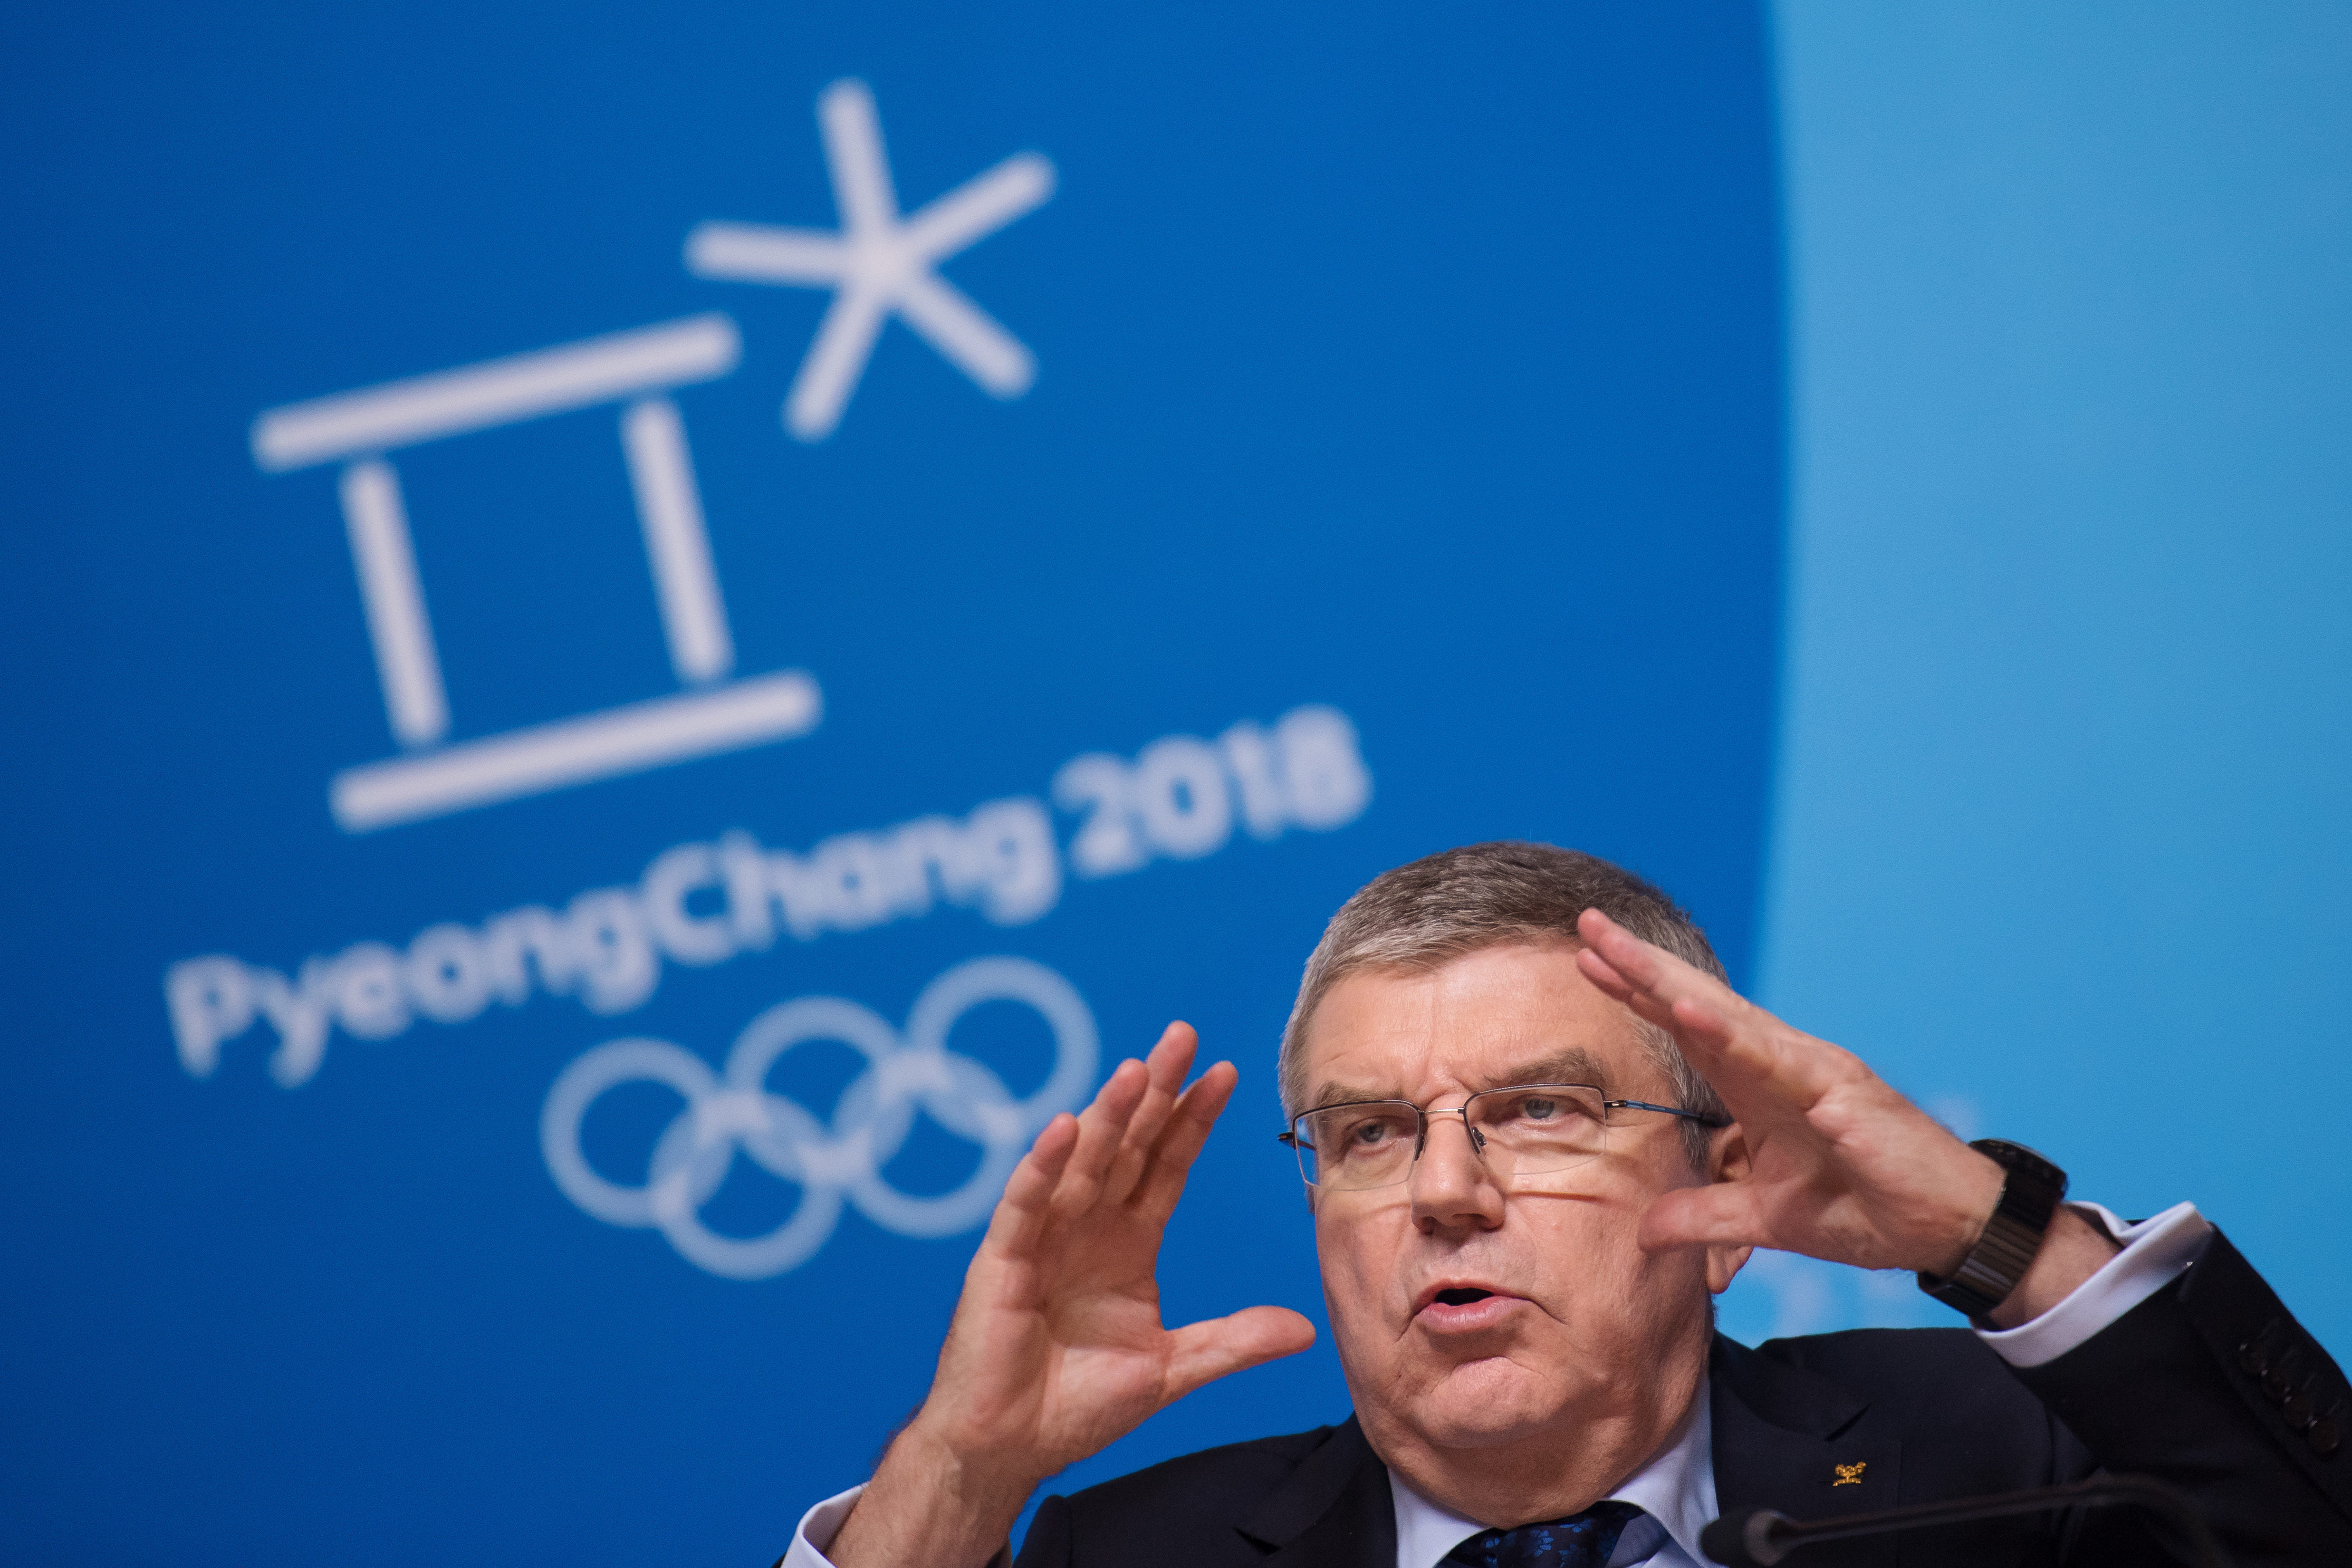 Los Juegos De La Juventud De 2022 Seran En Africa El Heraldo De